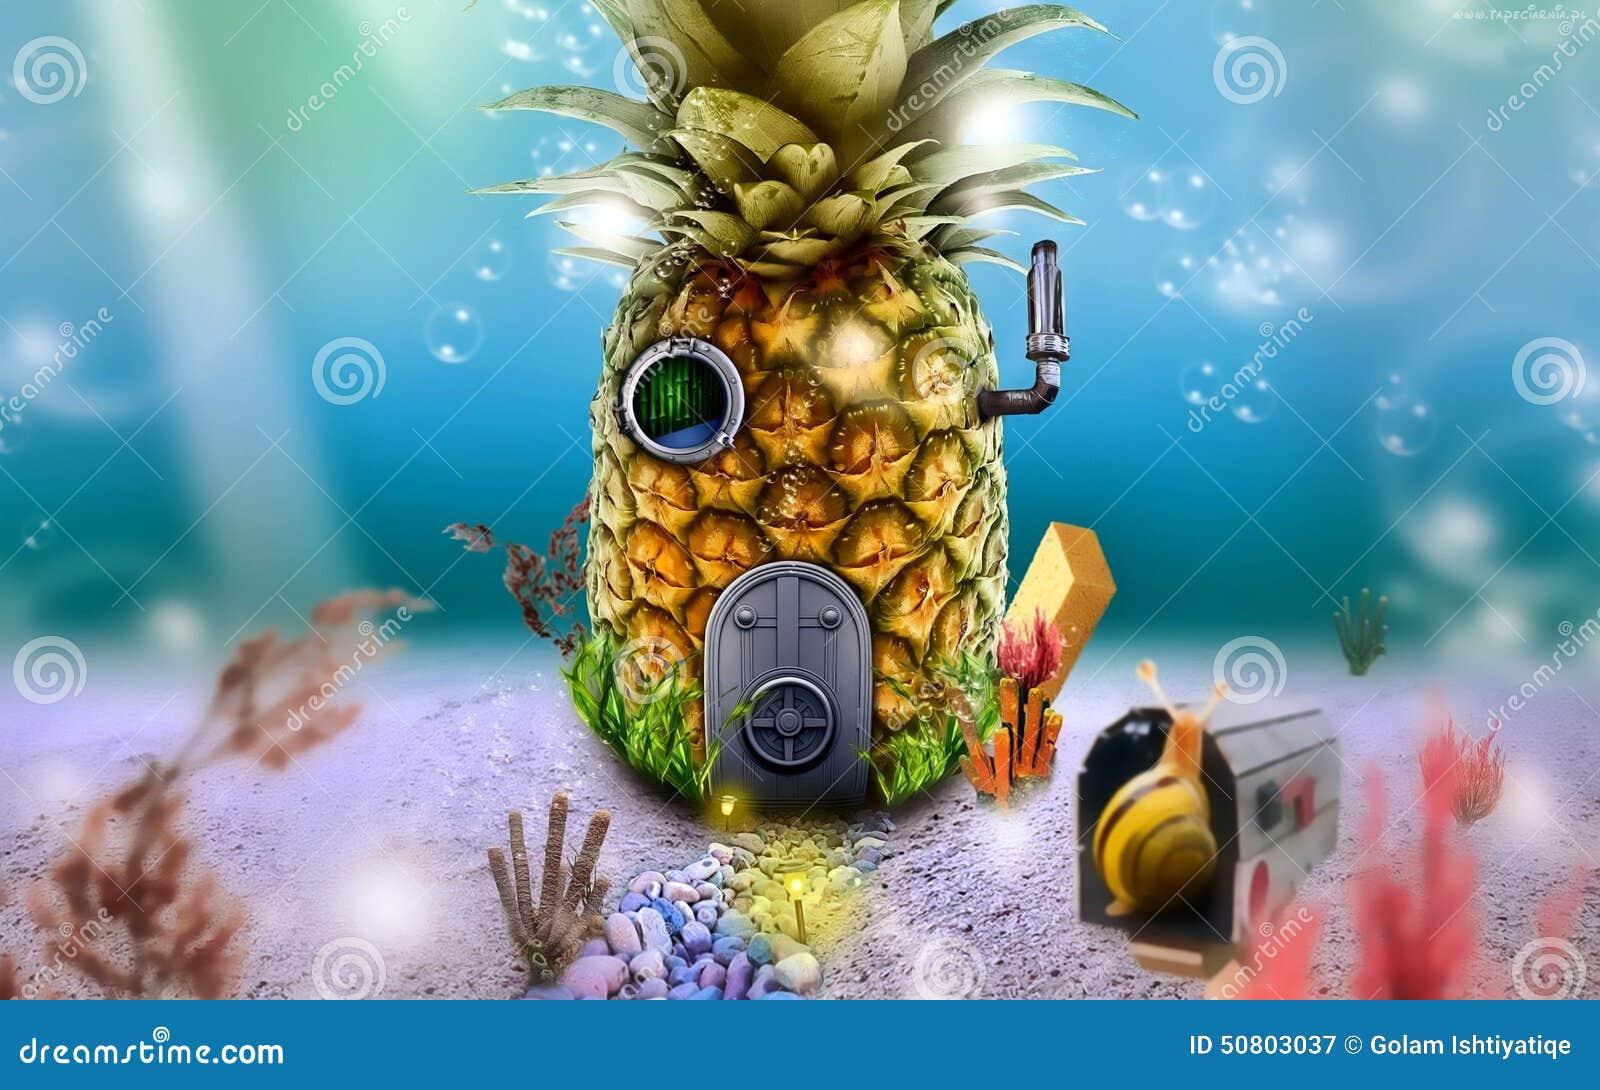 Casa della frutta sogno belle immagini casa dolce for Disegni della casa della cabina di ceppo